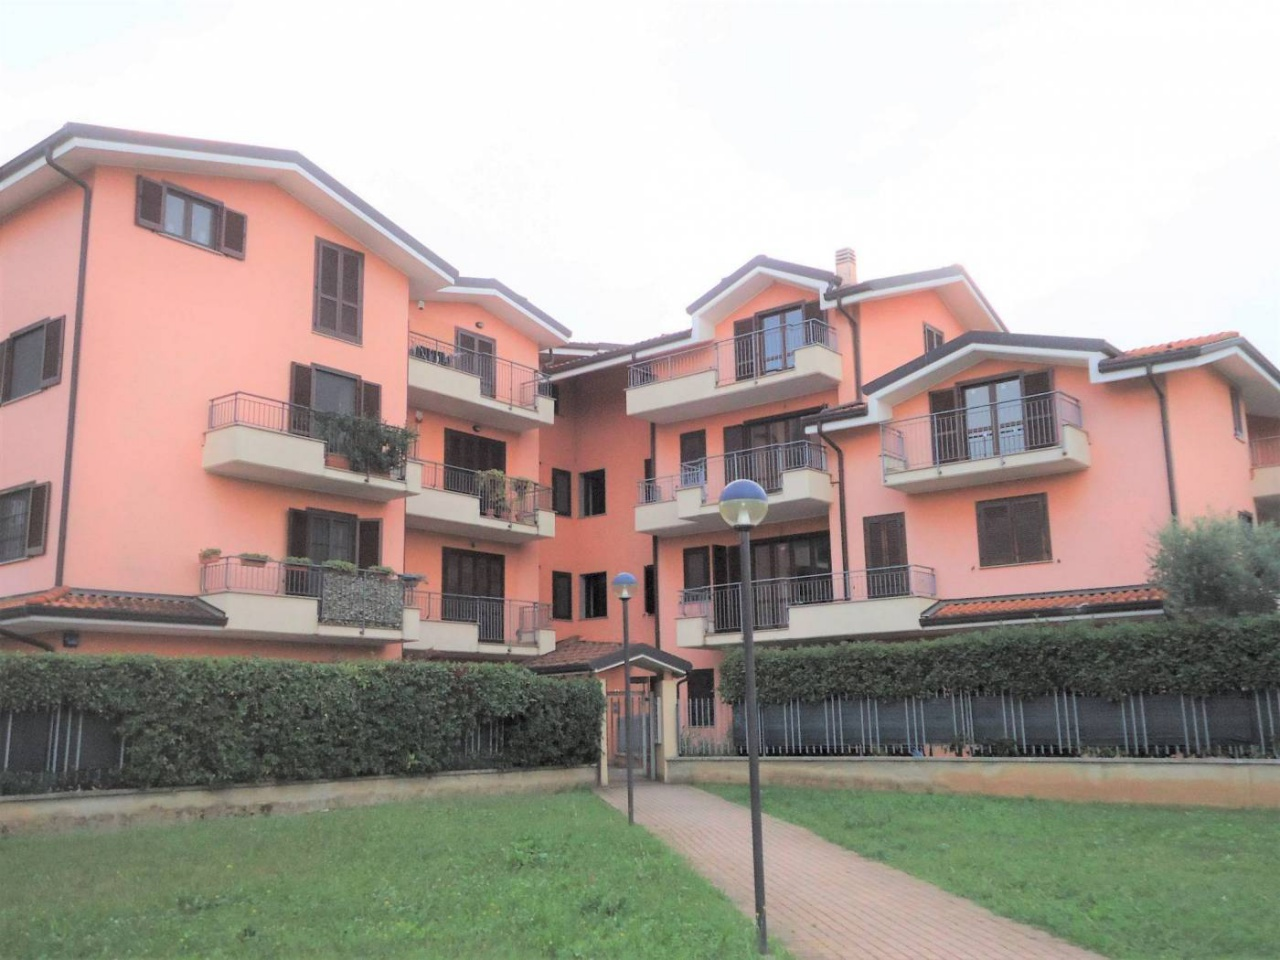 Appartamento in vendita a Gessate, 4 locali, prezzo € 280.000 | CambioCasa.it